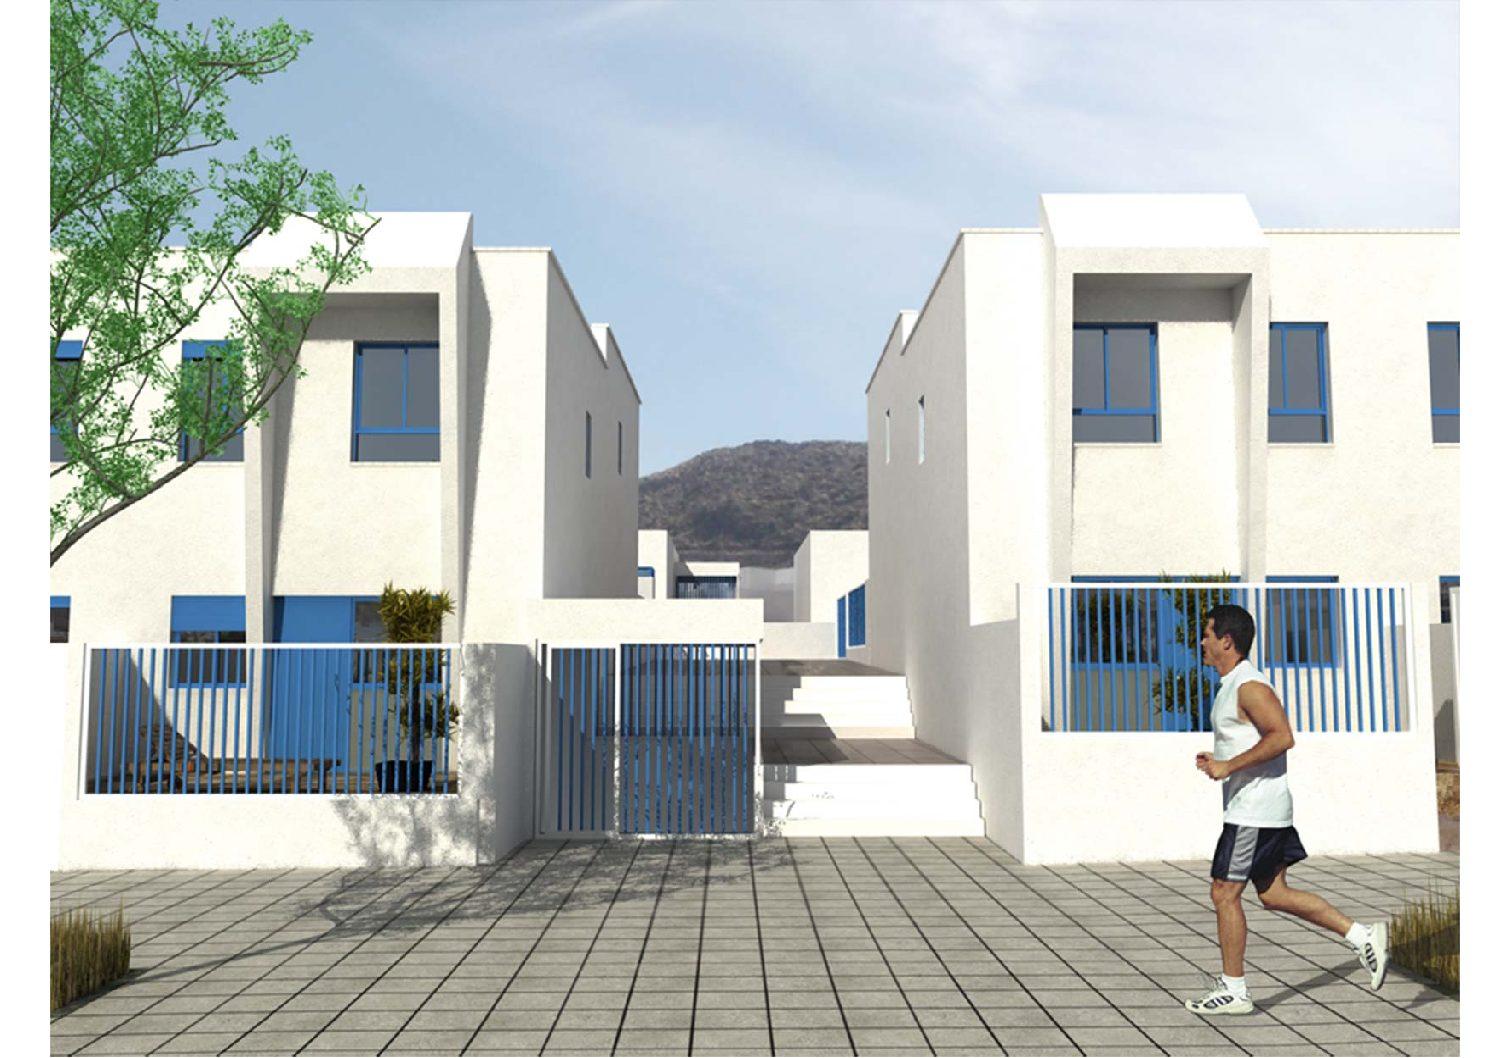 Proyecto de 48 viviendas, 18 locs. en San José, Níjar. Almería. 2004.